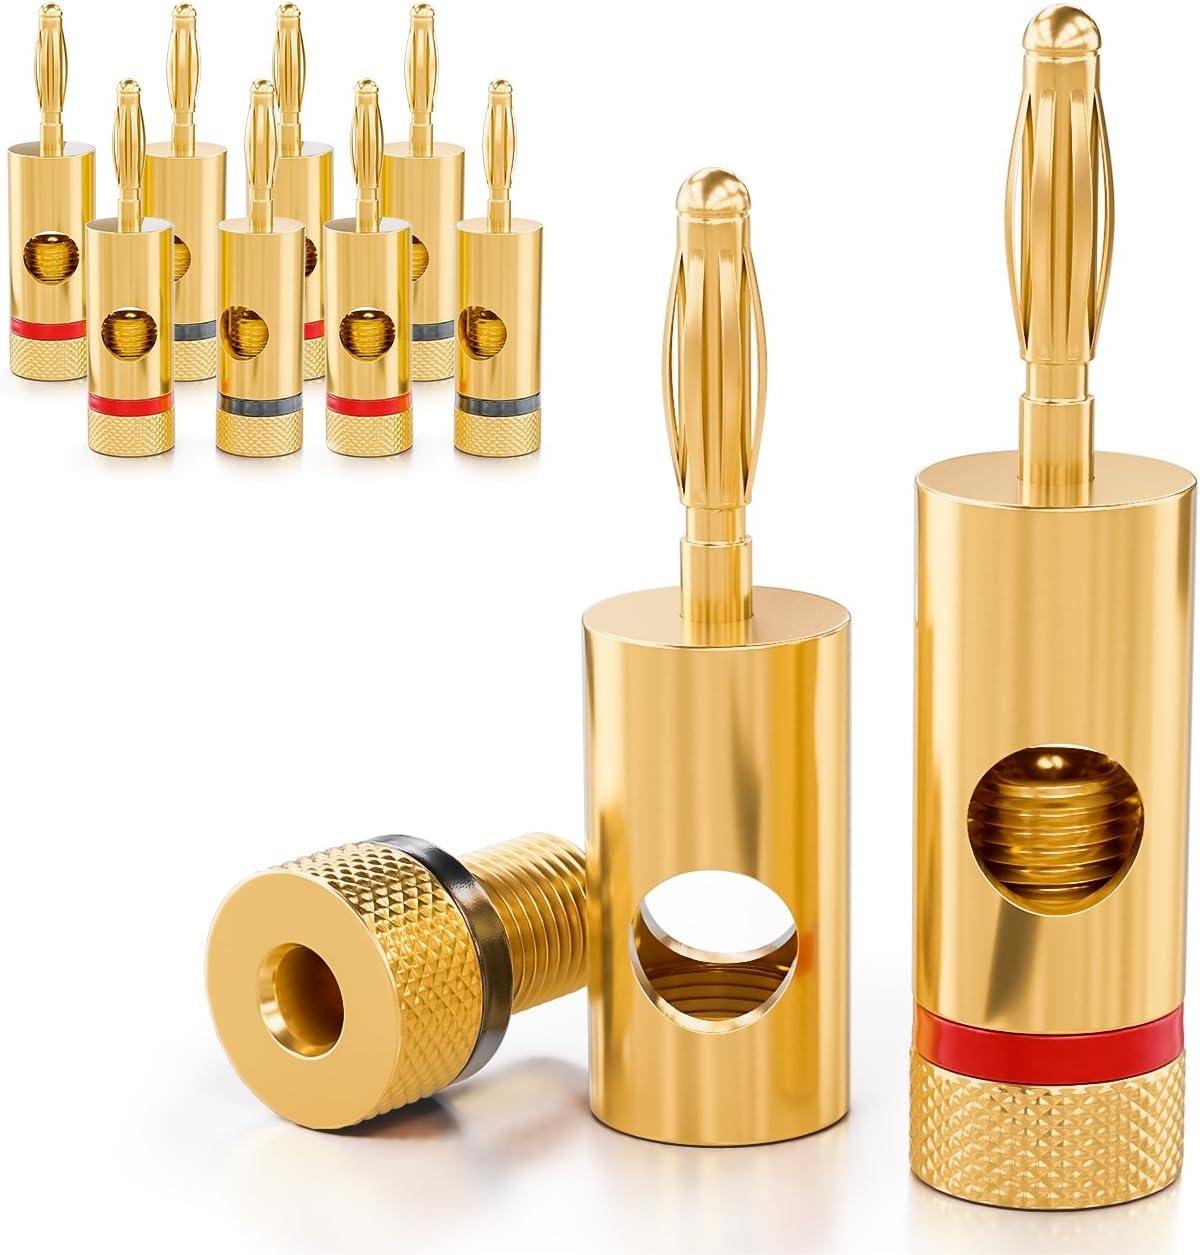 Deleycon 10x Bananenstecker 24k Vergoldet Und Schraubbar Für Kabel Boxen Verstärker Av Receiver Endstufen Hifi Stereoanlagen